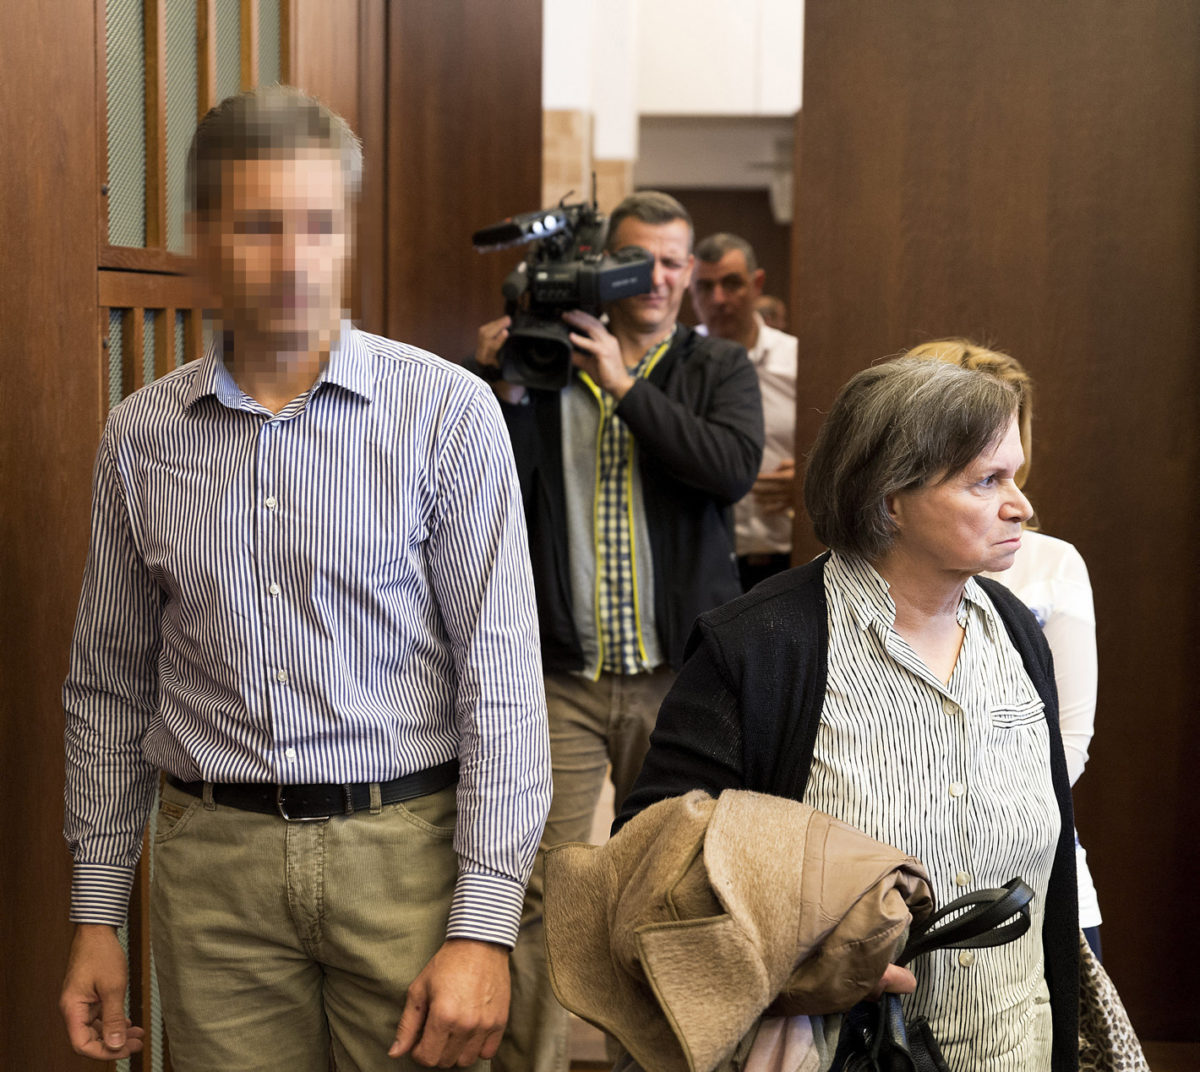 A felesége megölésével és feldarabolásával vádolt darnózseli hentes, N. János (b) érkezik büntetőperének tárgyalására, az ügyben másodfokon eljáró Győri Ítélőtáblán, jobbra mellette az áldozat édesanyja 2019. október 29-én.